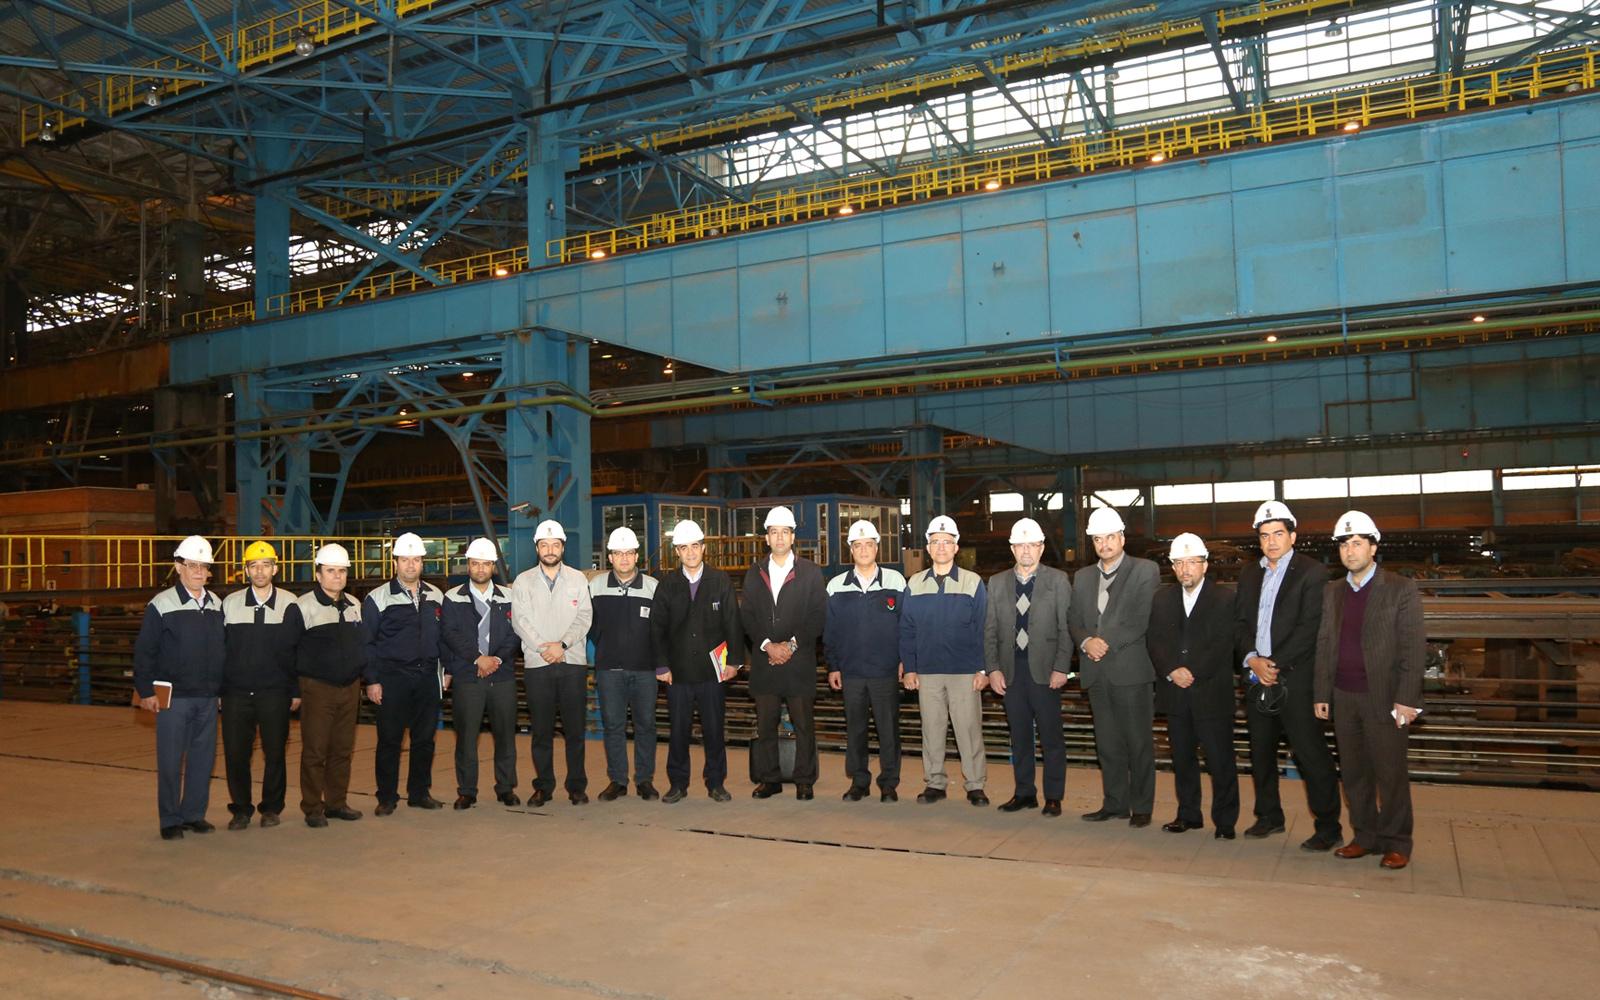 بازدید معاون آموزش، پژوهش و فناوری وزارت صمت از ذوب آهن/ قبادیان؛ ذوب آهن با اجرای پروژه های شاخص در صنعت و اقتصاد کشور می درخشد/ یزدی زاده؛ فولاد تولید شده در ذوب آهن 400 تومان بالاتر از سایر فولادسازان است